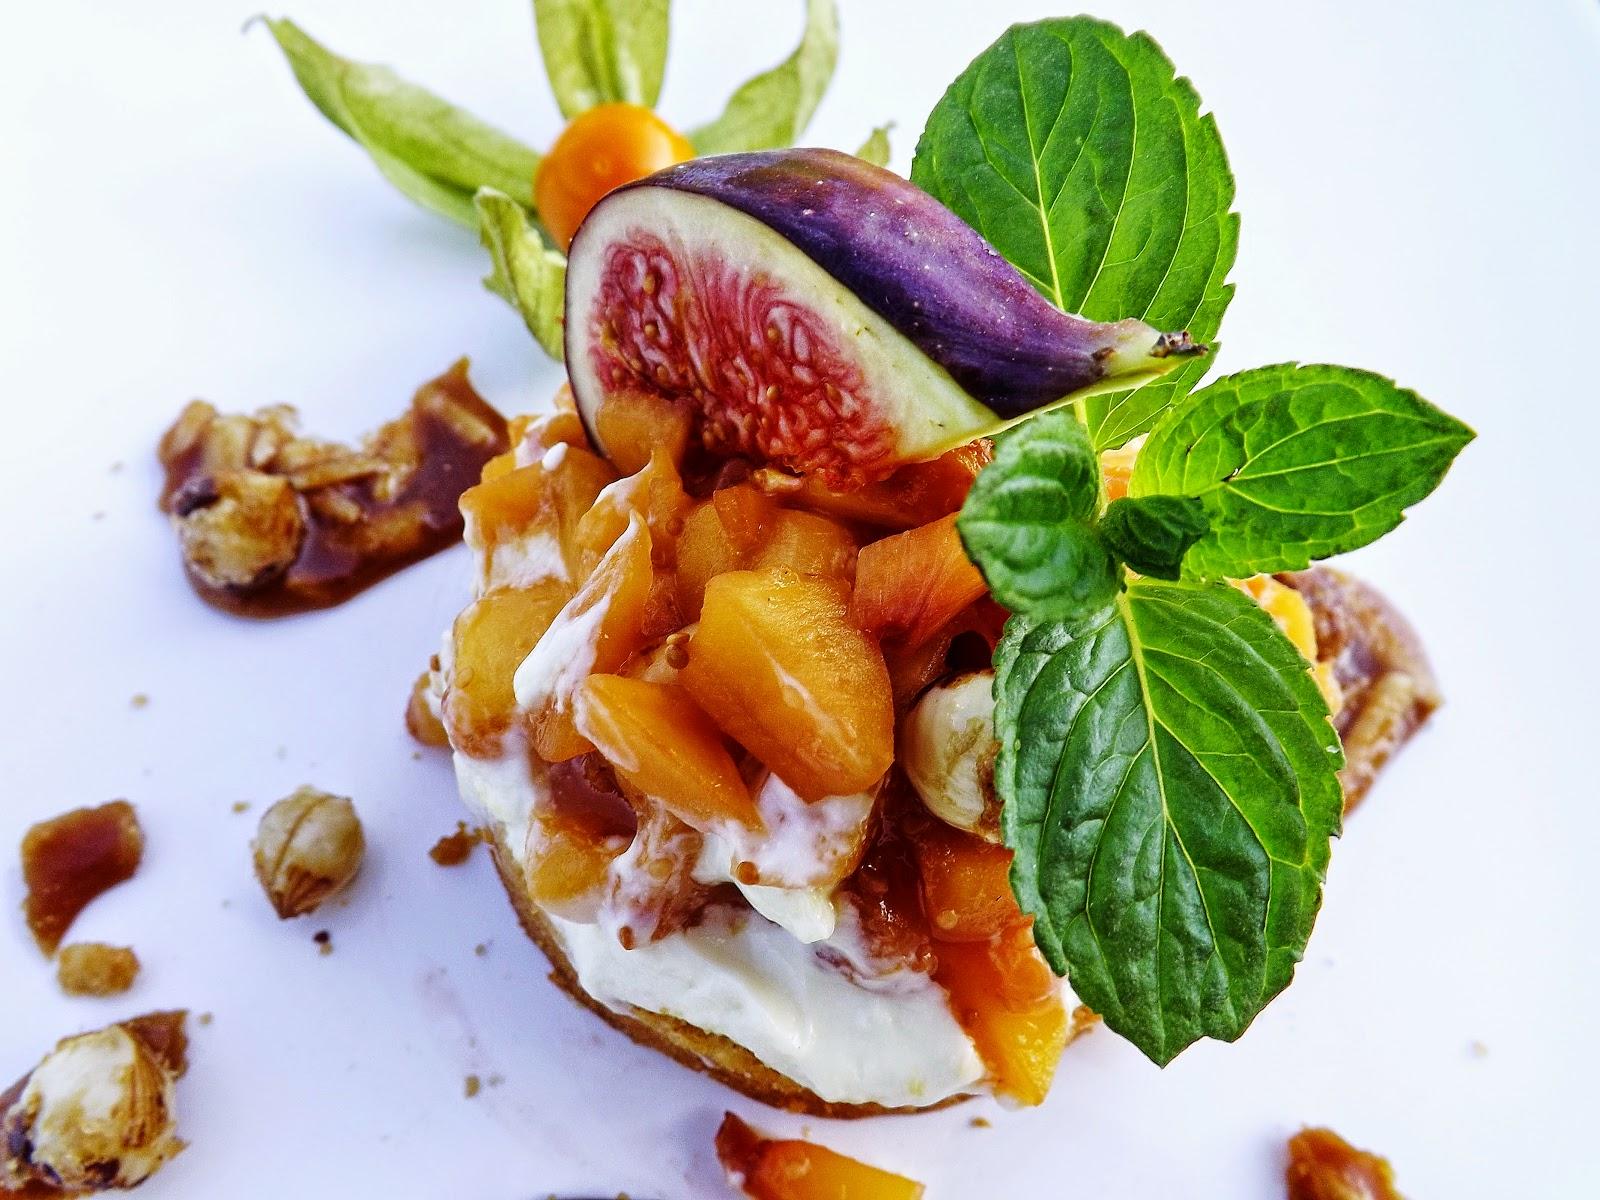 Krążek biszkoptowy z serkiem i smażonymi owocami